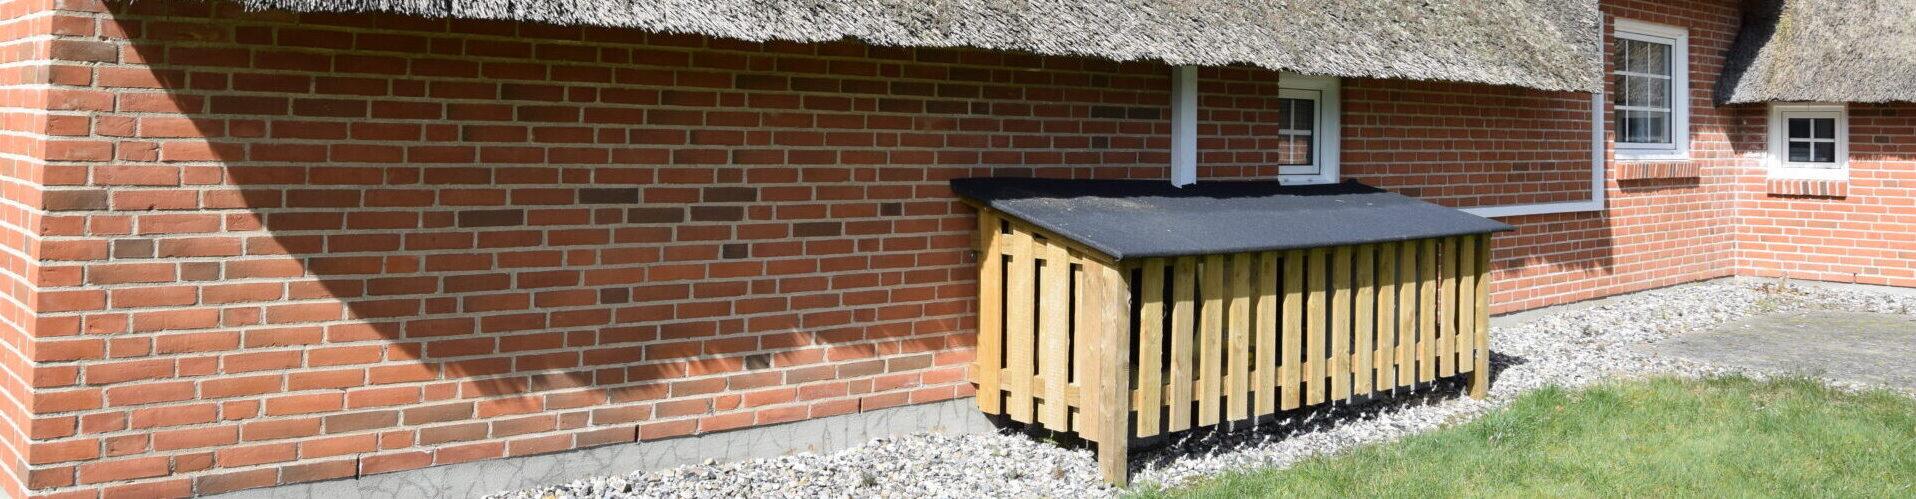 Poolsommerhus med luft/luft og luft/vand varmepumper